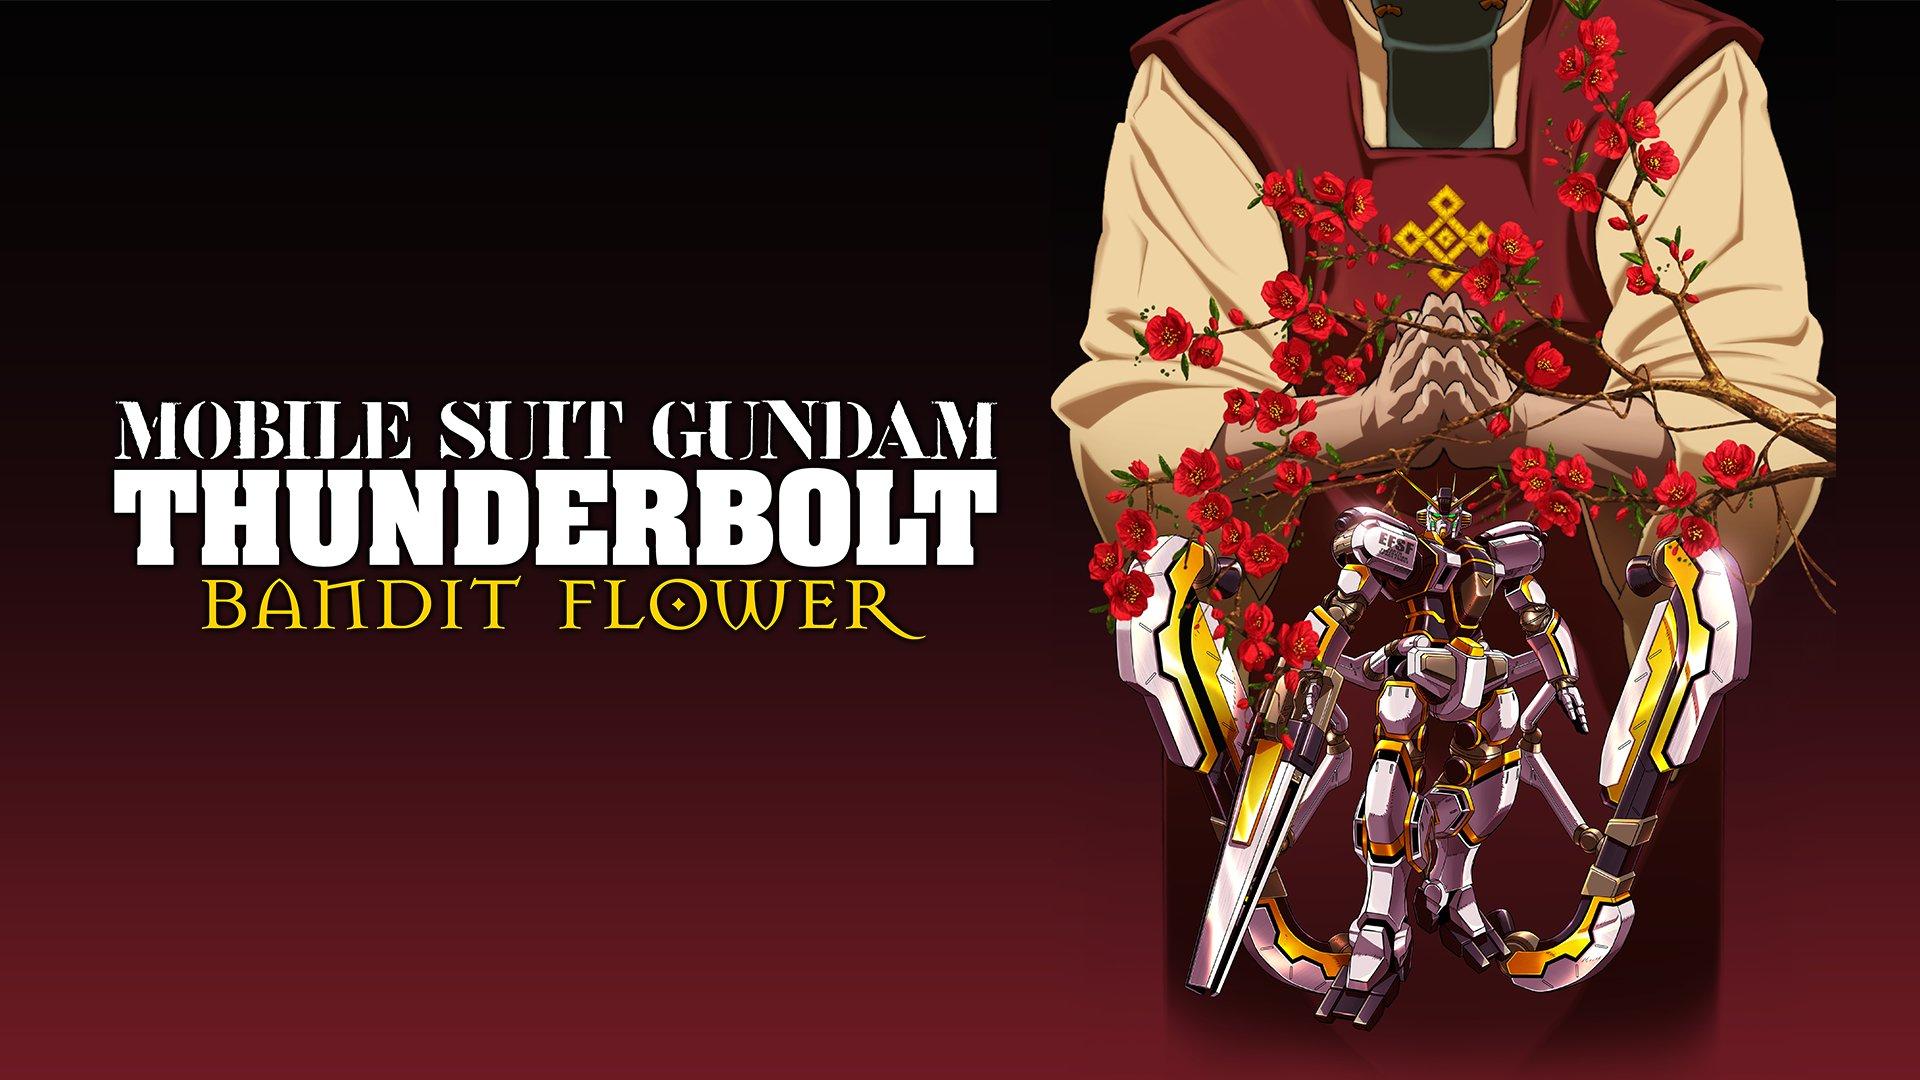 機動戦士ガンダム サンダーボルト BANDIT FLOWER(レンタル版)